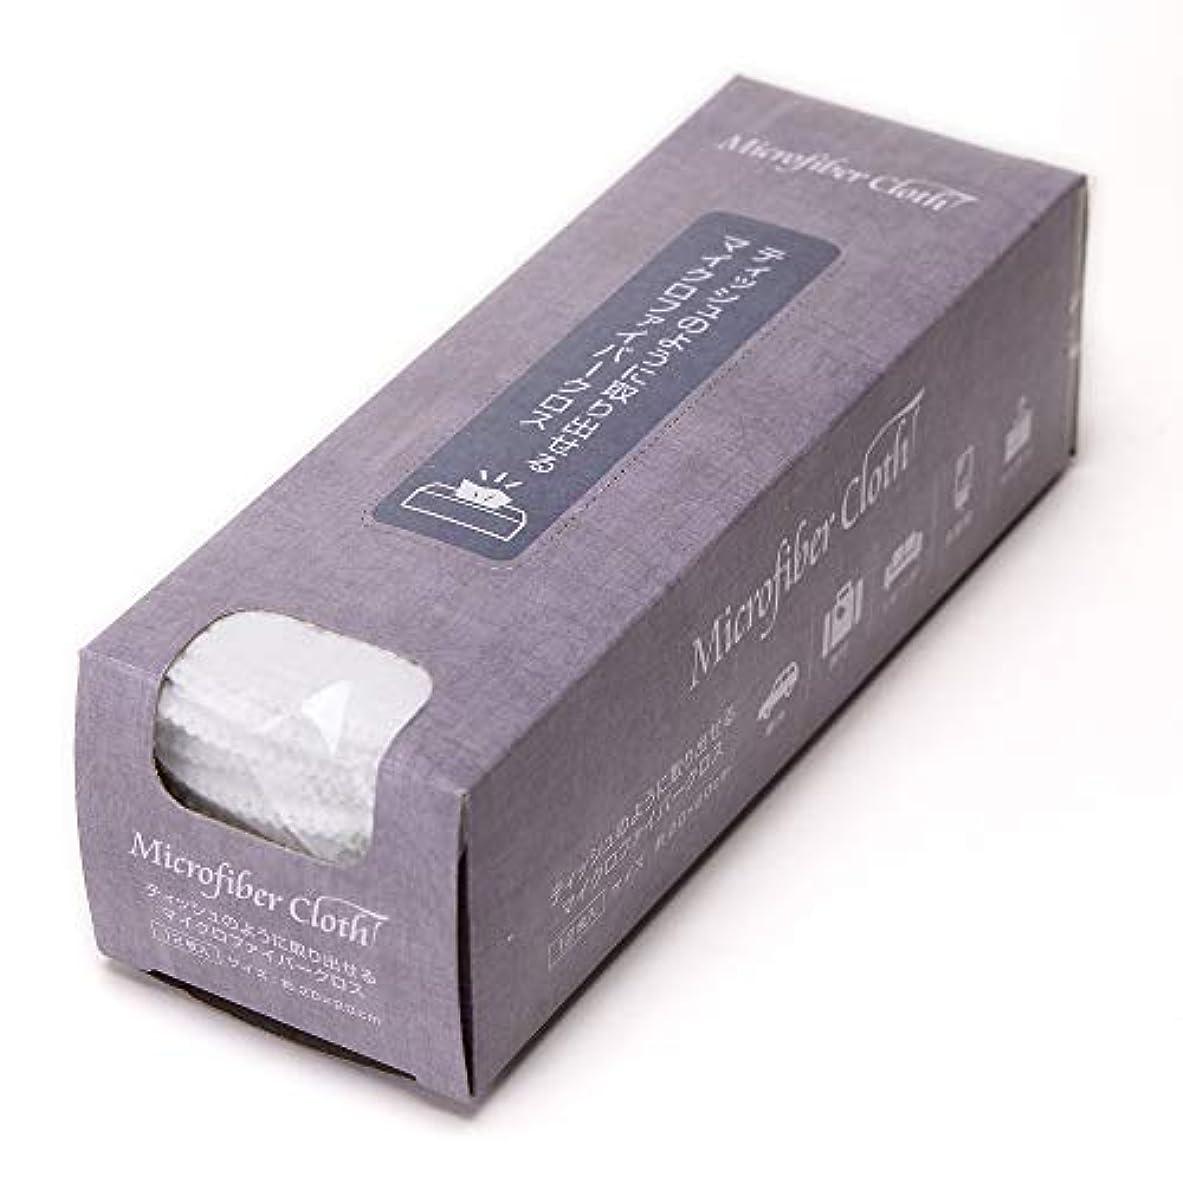 ナインへ高める原点ストリックスデザイン マイクロファイバークロス ティッシュのように取り出せるクロス 12枚組 ホワイト 白 約20×20cm 箱入り ふきん 雑巾 お掃除 吸水 速乾 SB-063